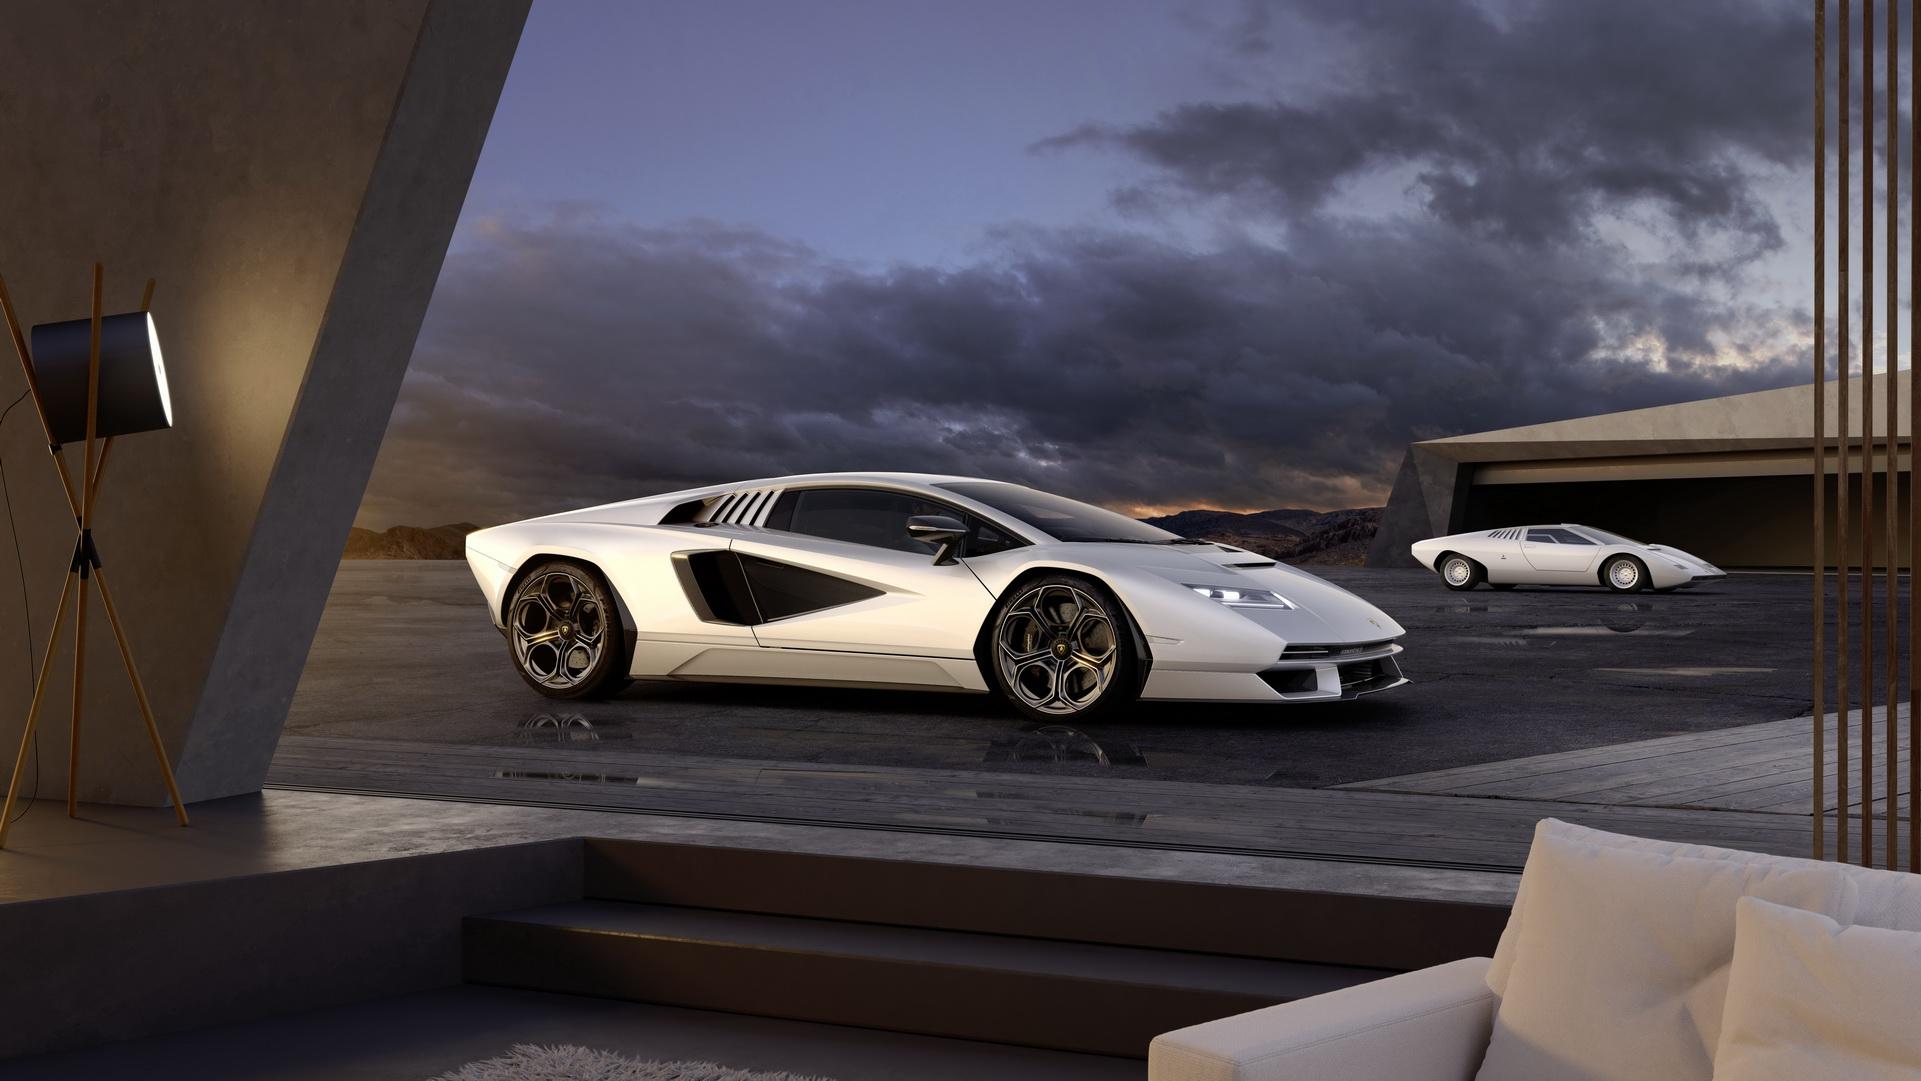 2022 Lamborghini Countach LPI 800-4 Front Three-Quarter Wallpapers (4)